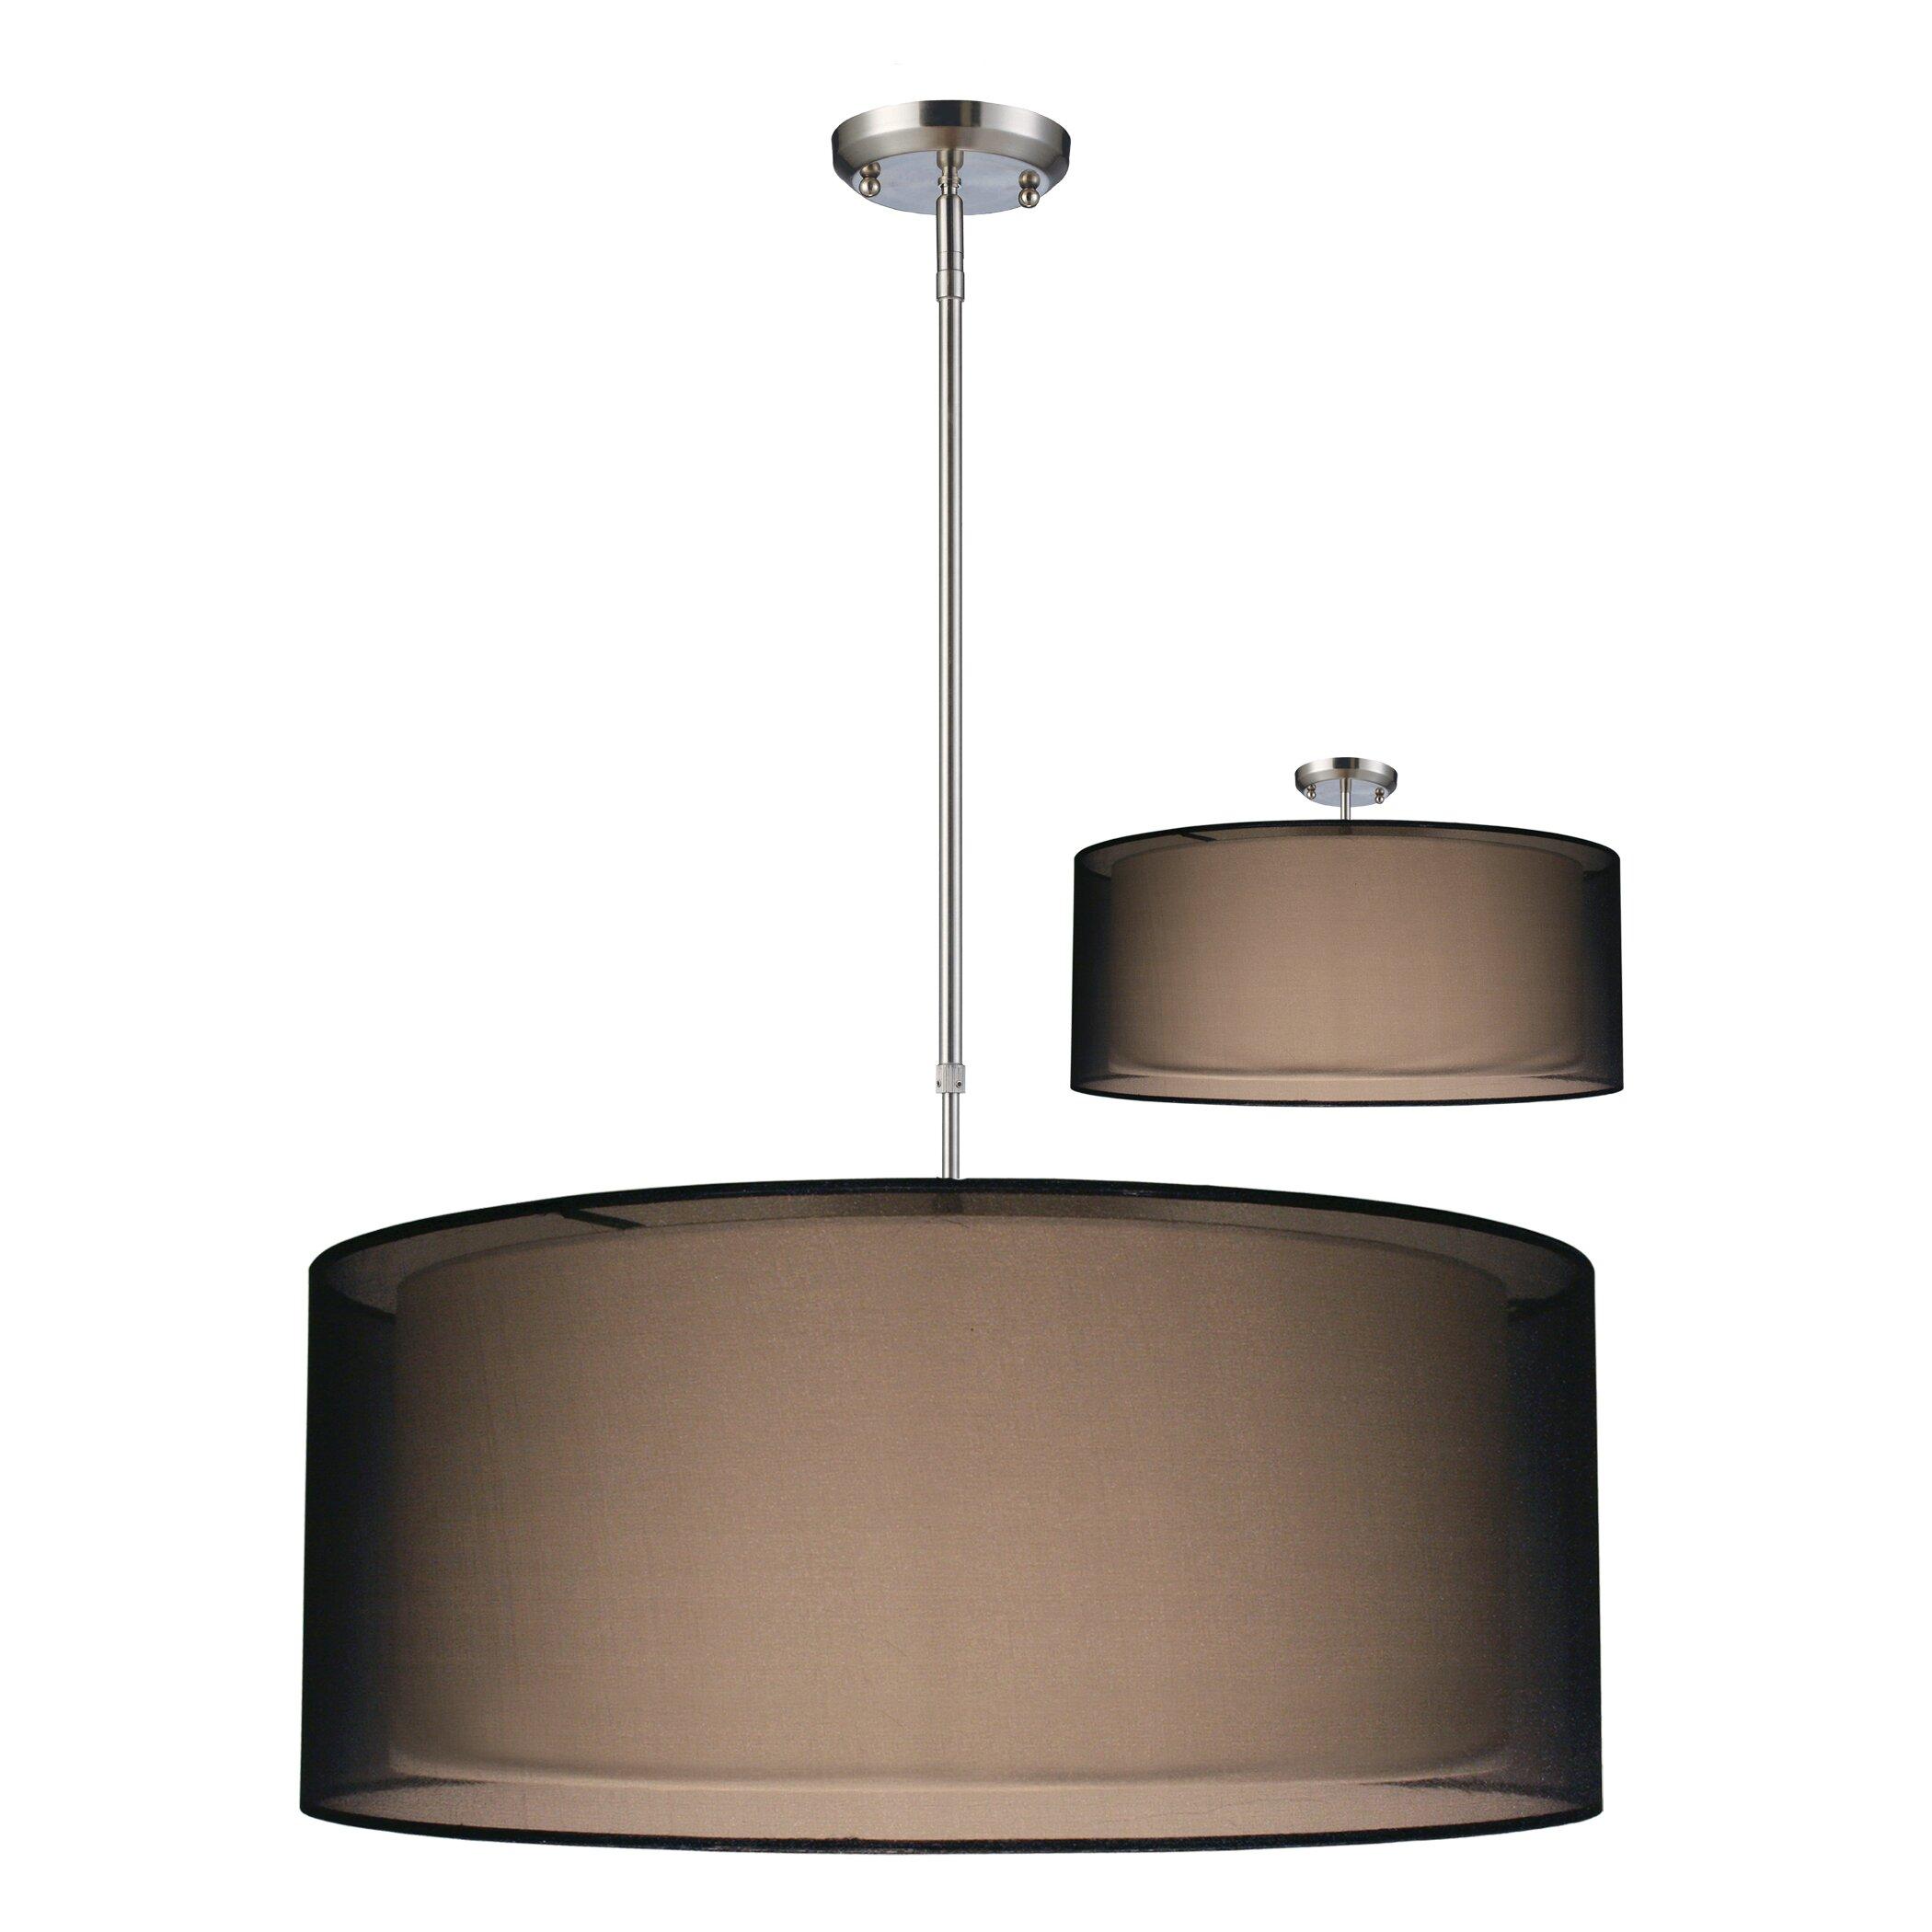 Foyer Drum Lighting : Z lite nikko light drum foyer pendant reviews wayfair